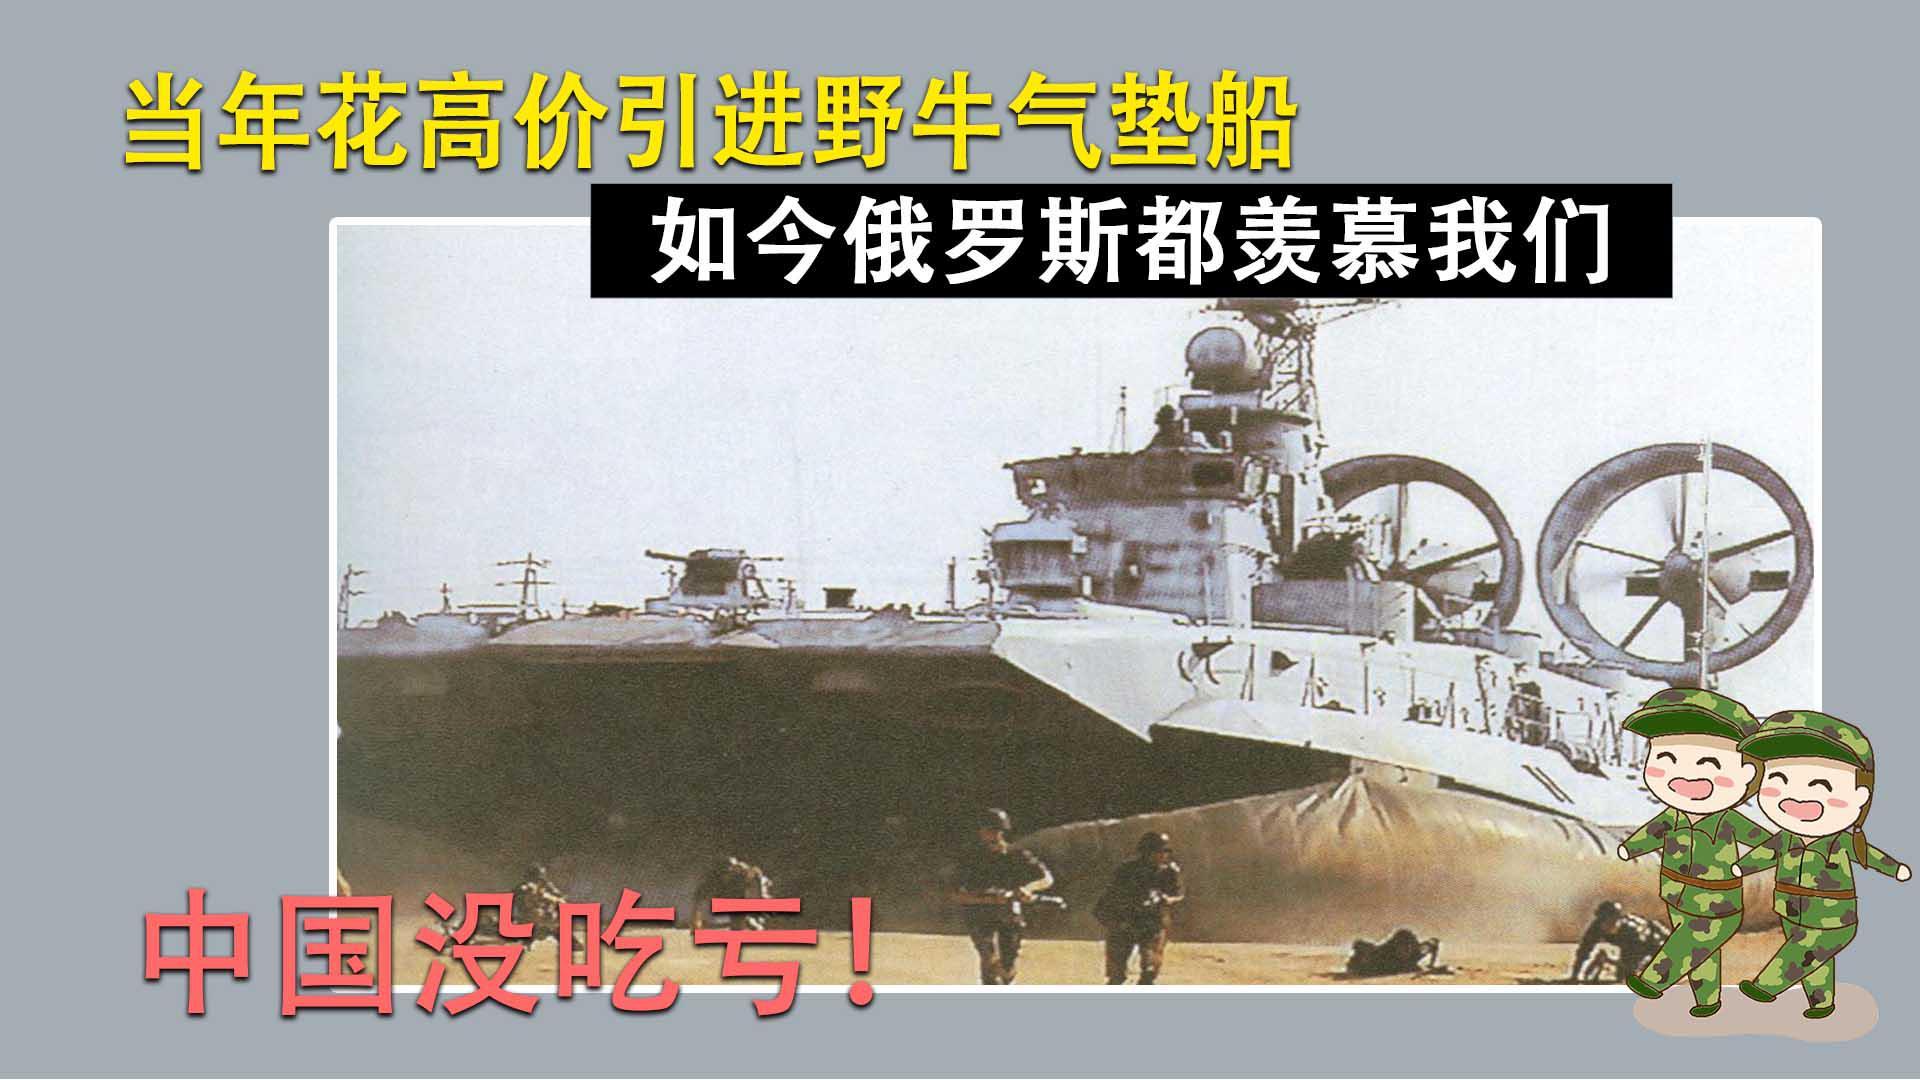 中国没吃亏当年花高价引进野牛气垫船 如今俄罗斯都羡慕我们